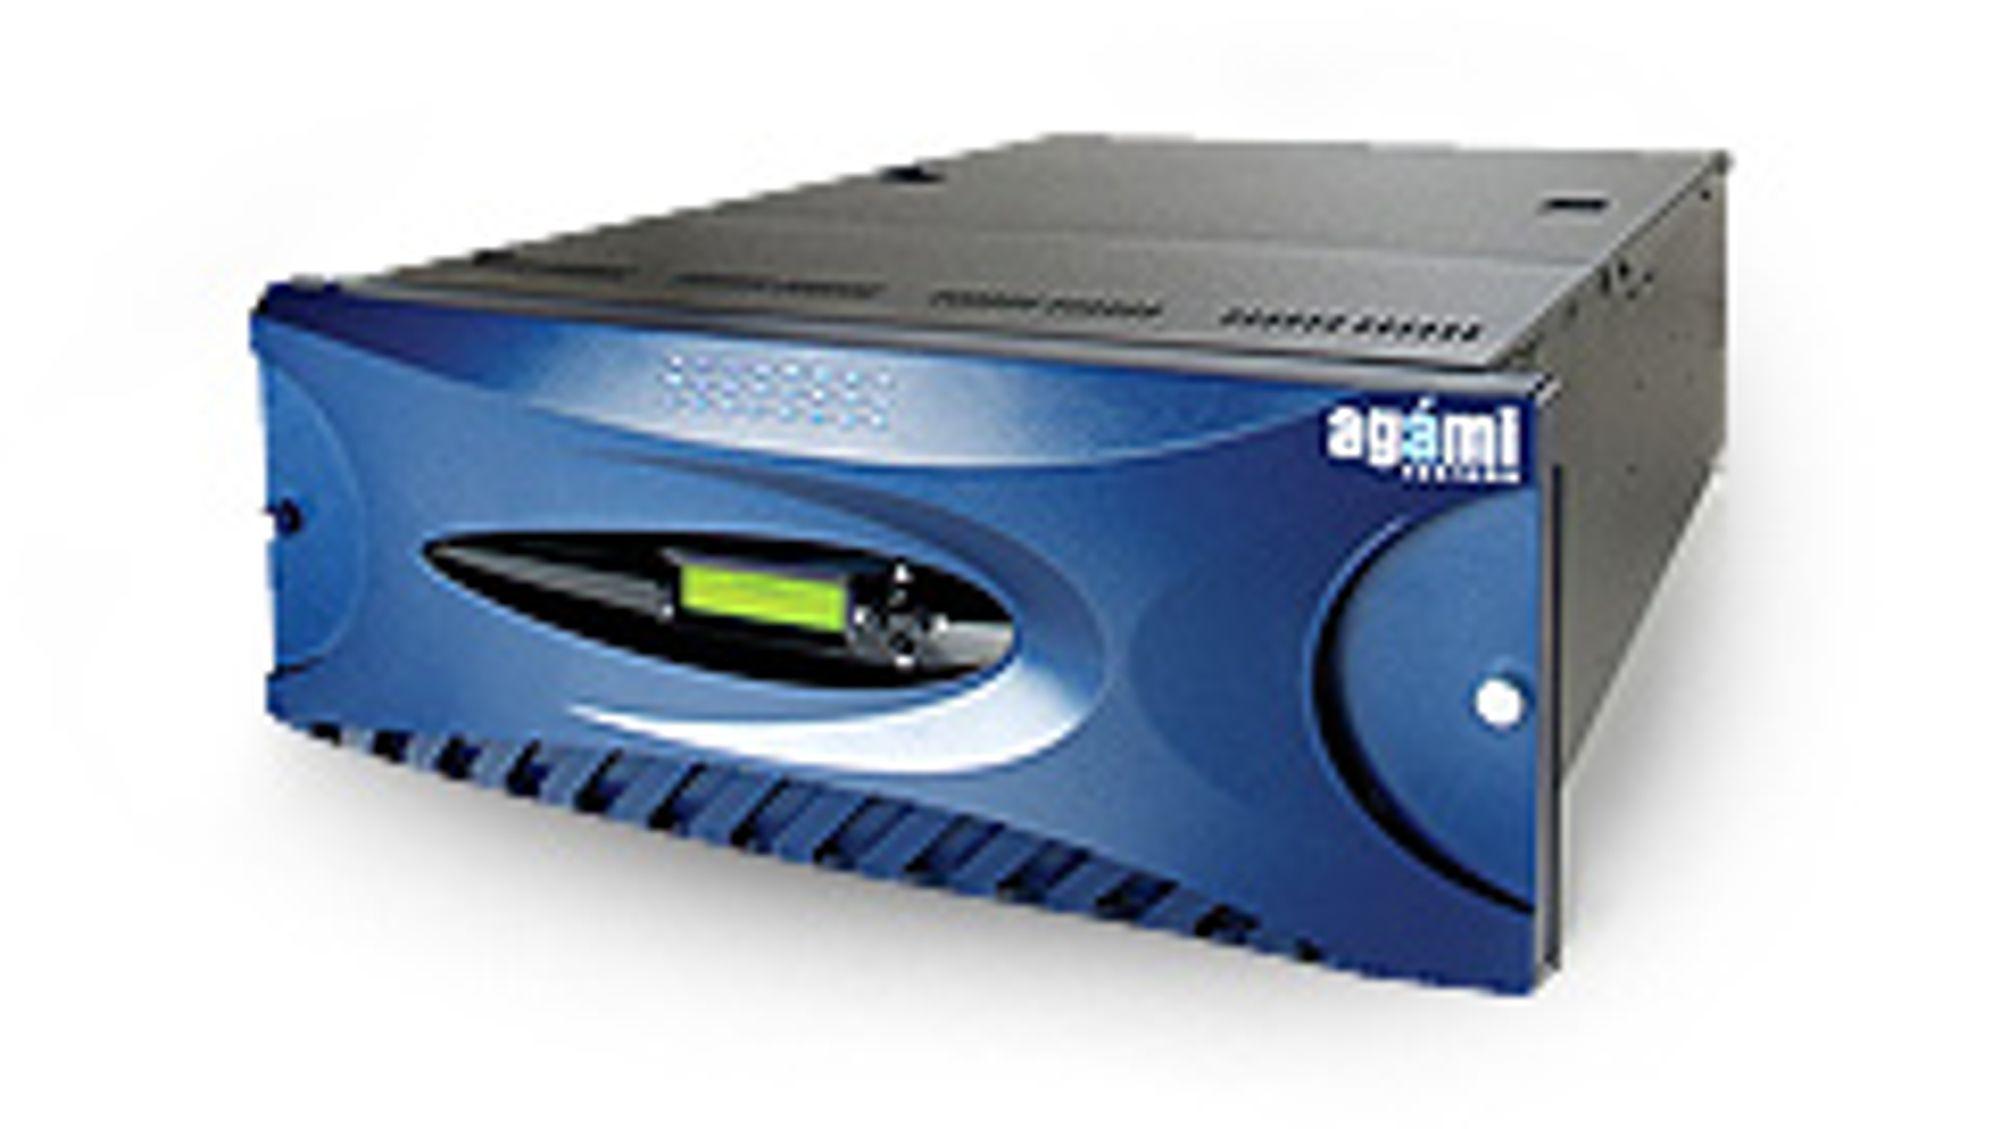 AIS 3000 - 12 TB, 4x Opteron CPU